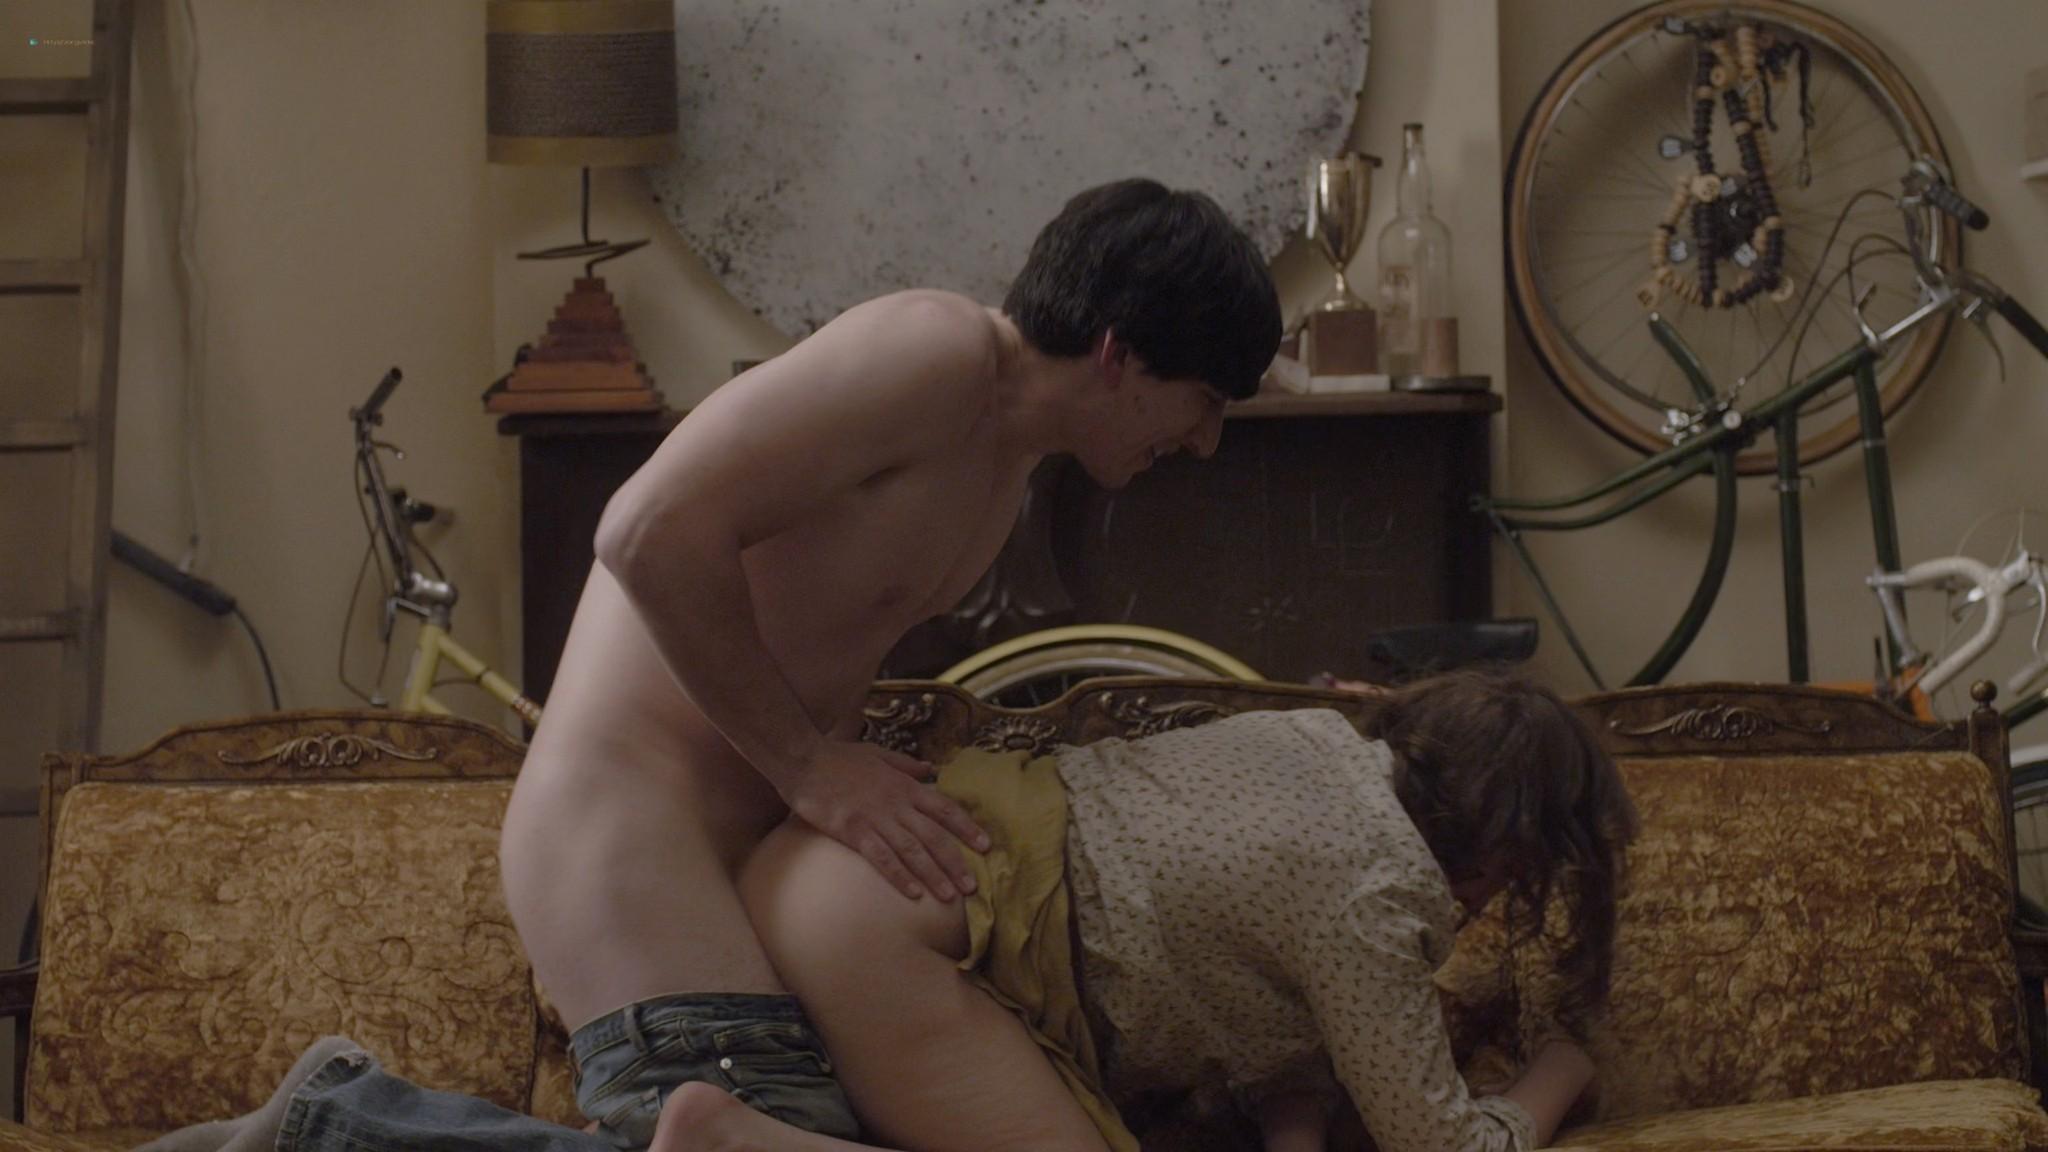 Allison Williams sex doggy style Lena Dunham nude Girls 2012 s1e1 2 1080p Web 7